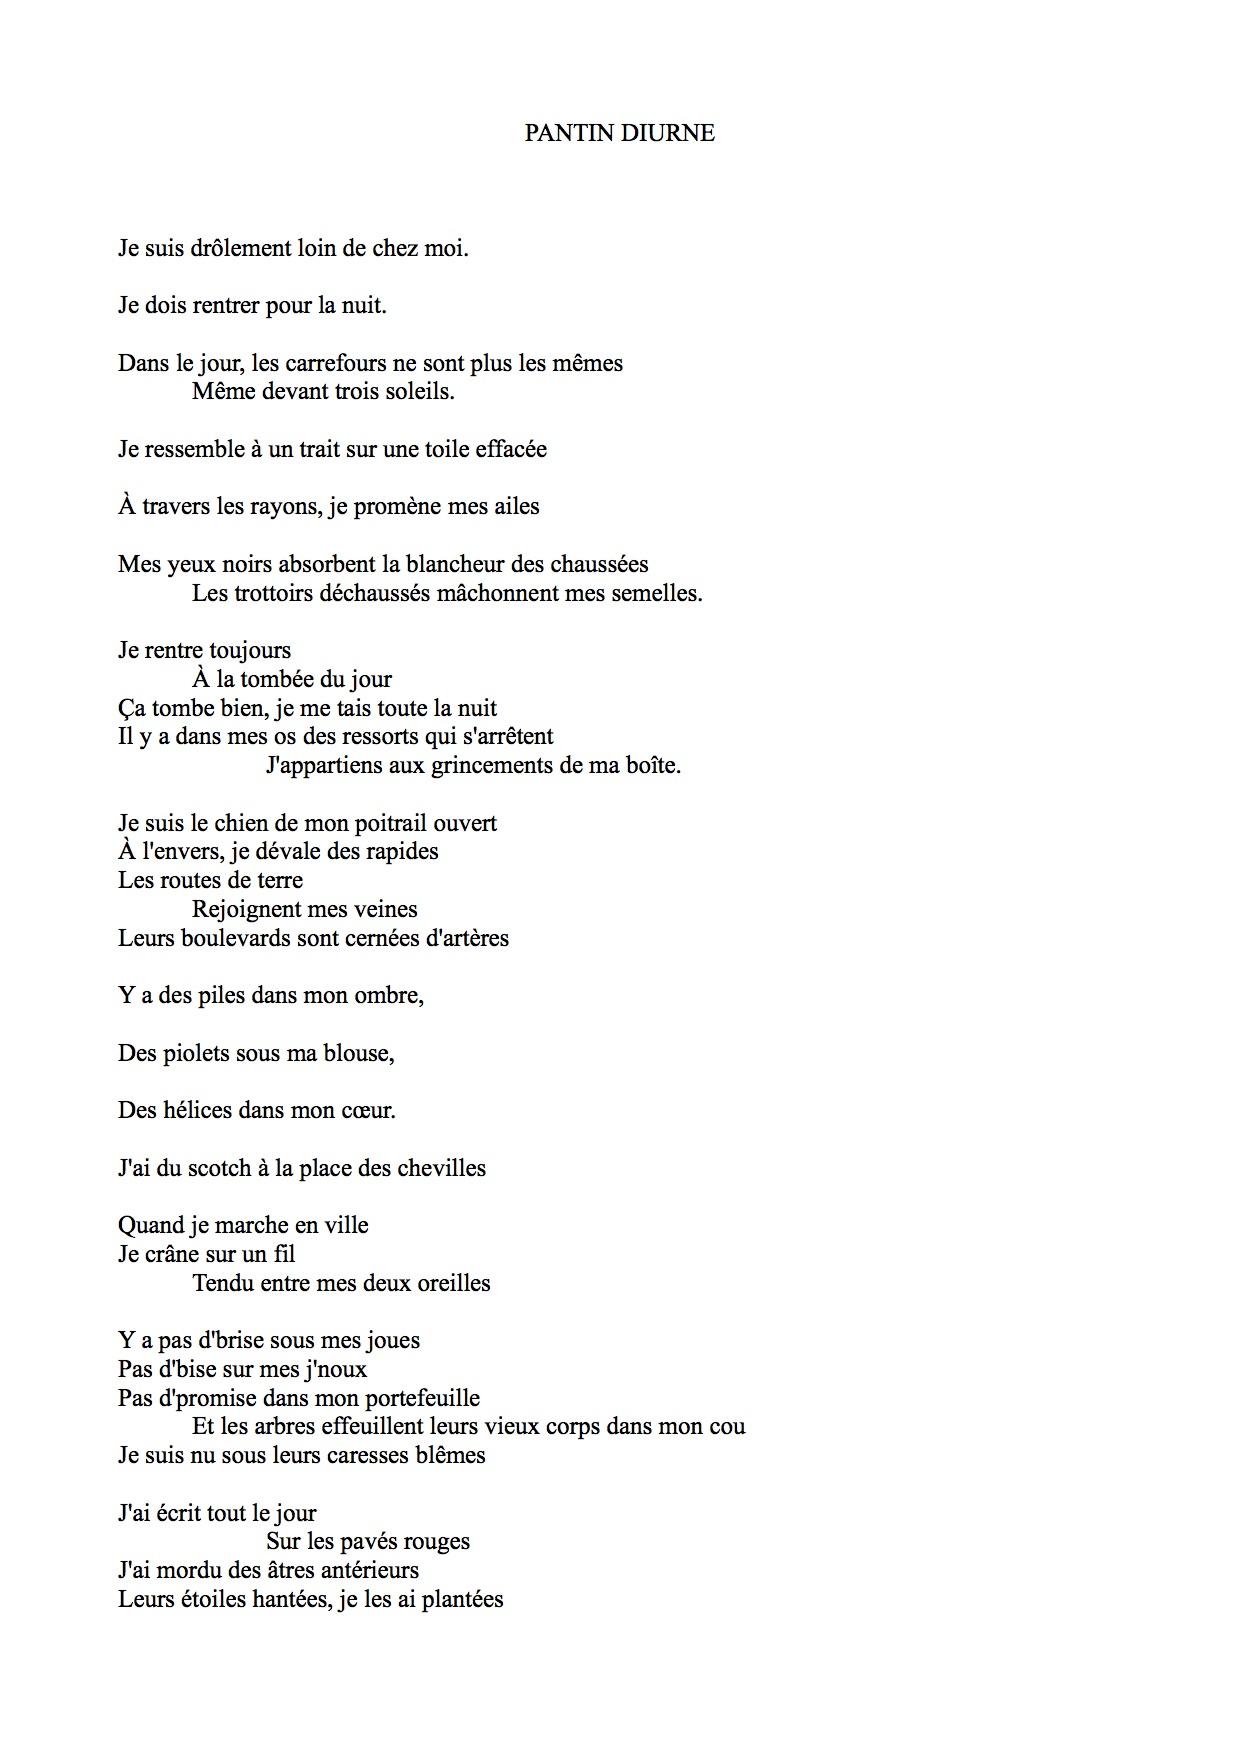 PANTIN DIURNE (1)